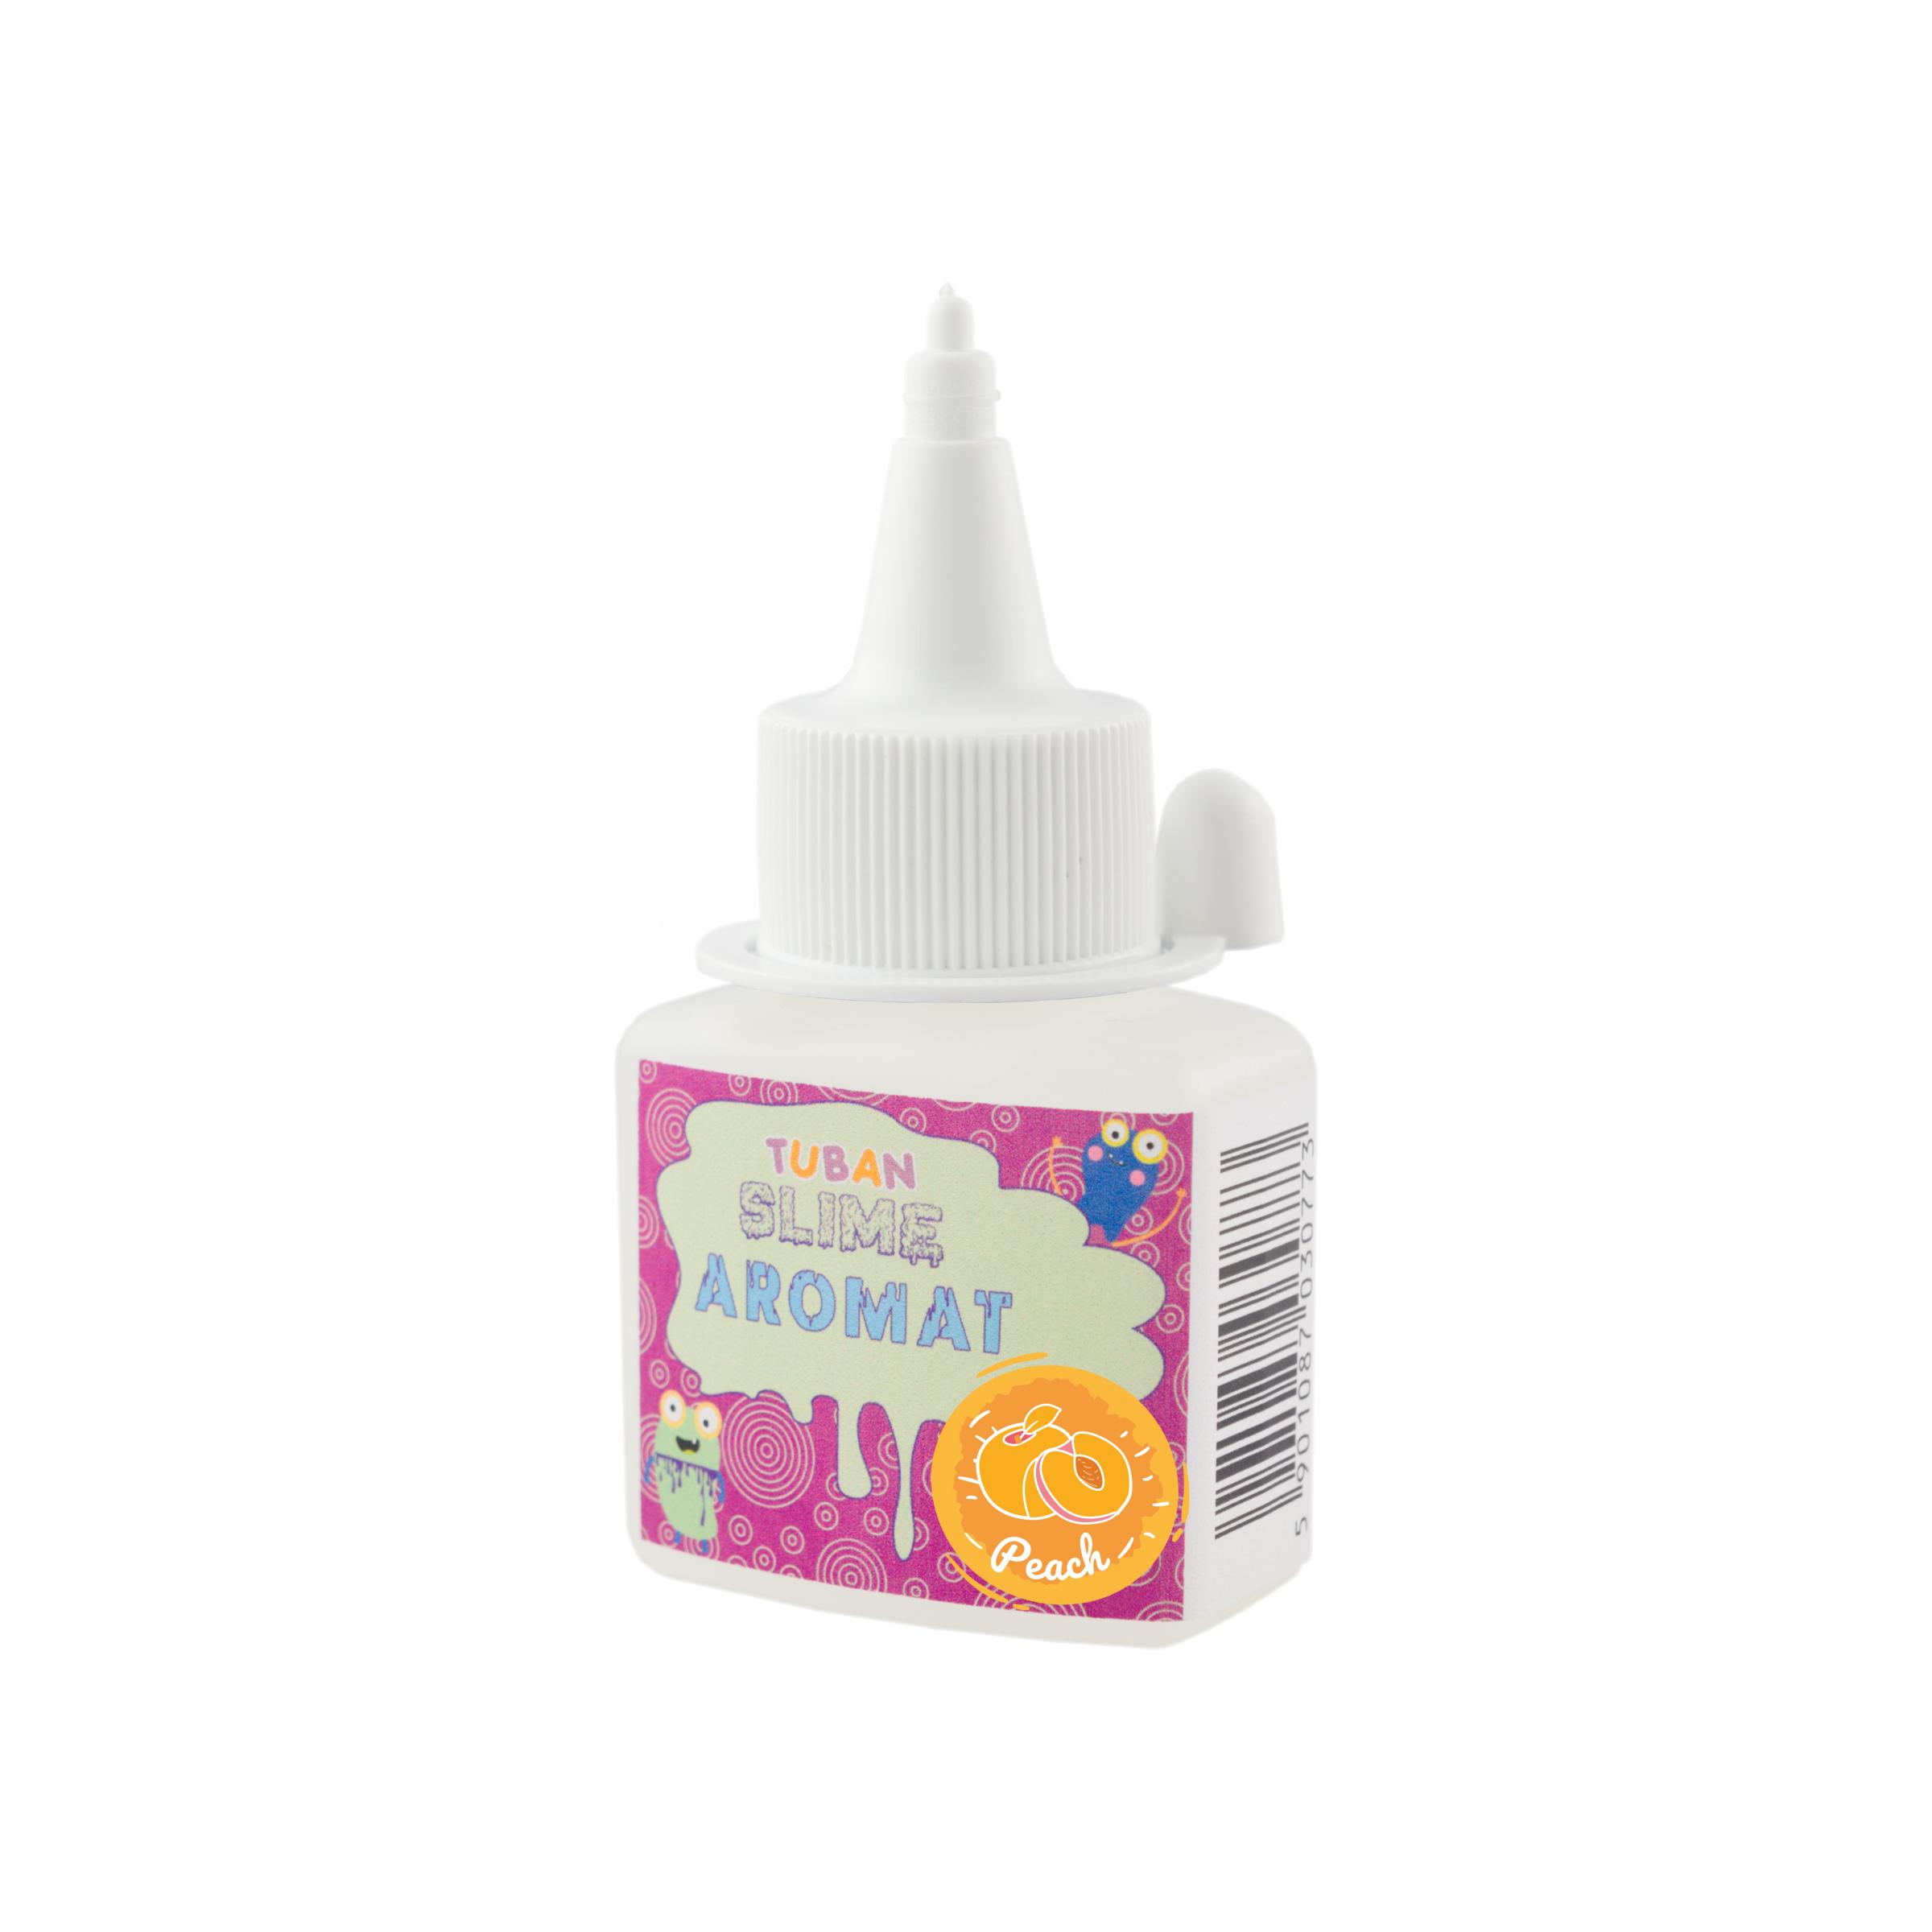 Tuban - Super Slime - Aroma mit Pfirsichduft - 35 ml - by Jablka